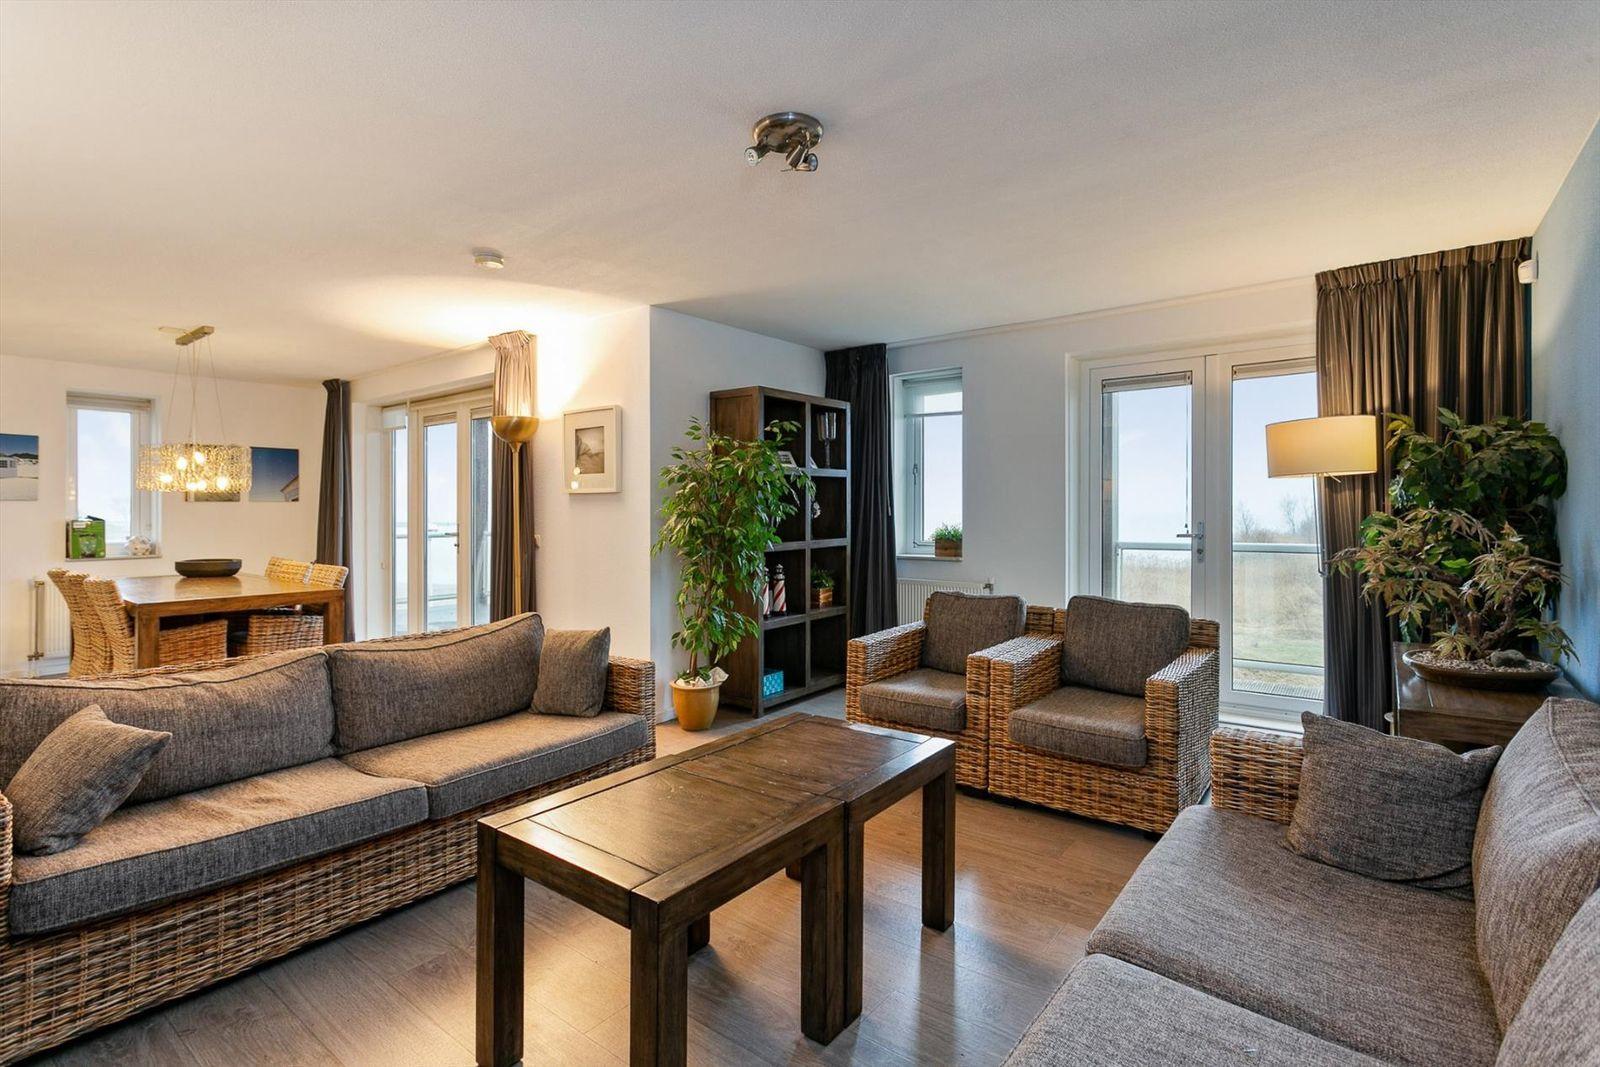 Vakantiehuis te koop in Zuid-Holland in Hellevoetsluis (12).jpg